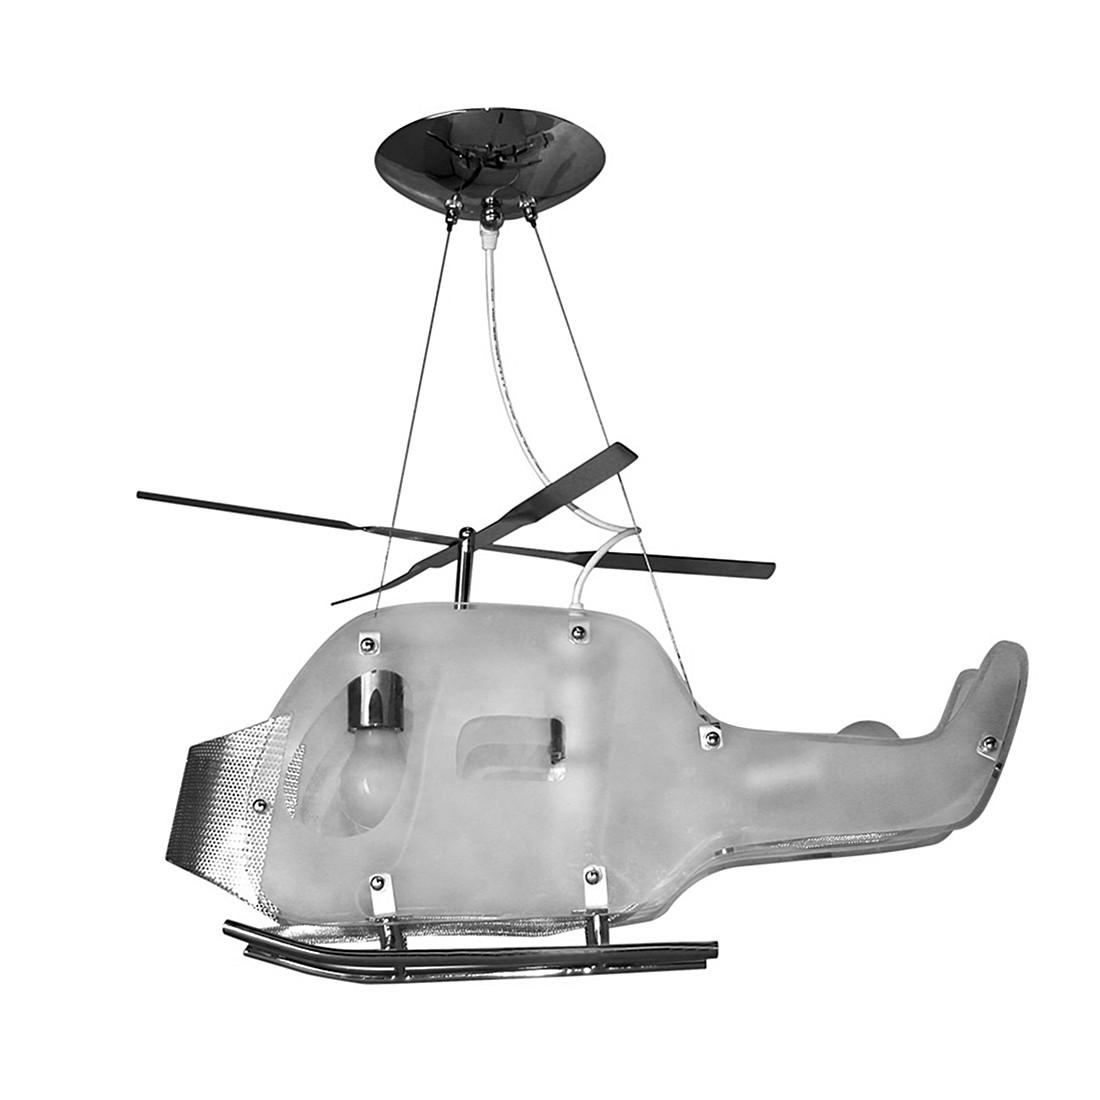 Pendelleuchte Helix - Hubschrauber - Metall Silber, s`luce